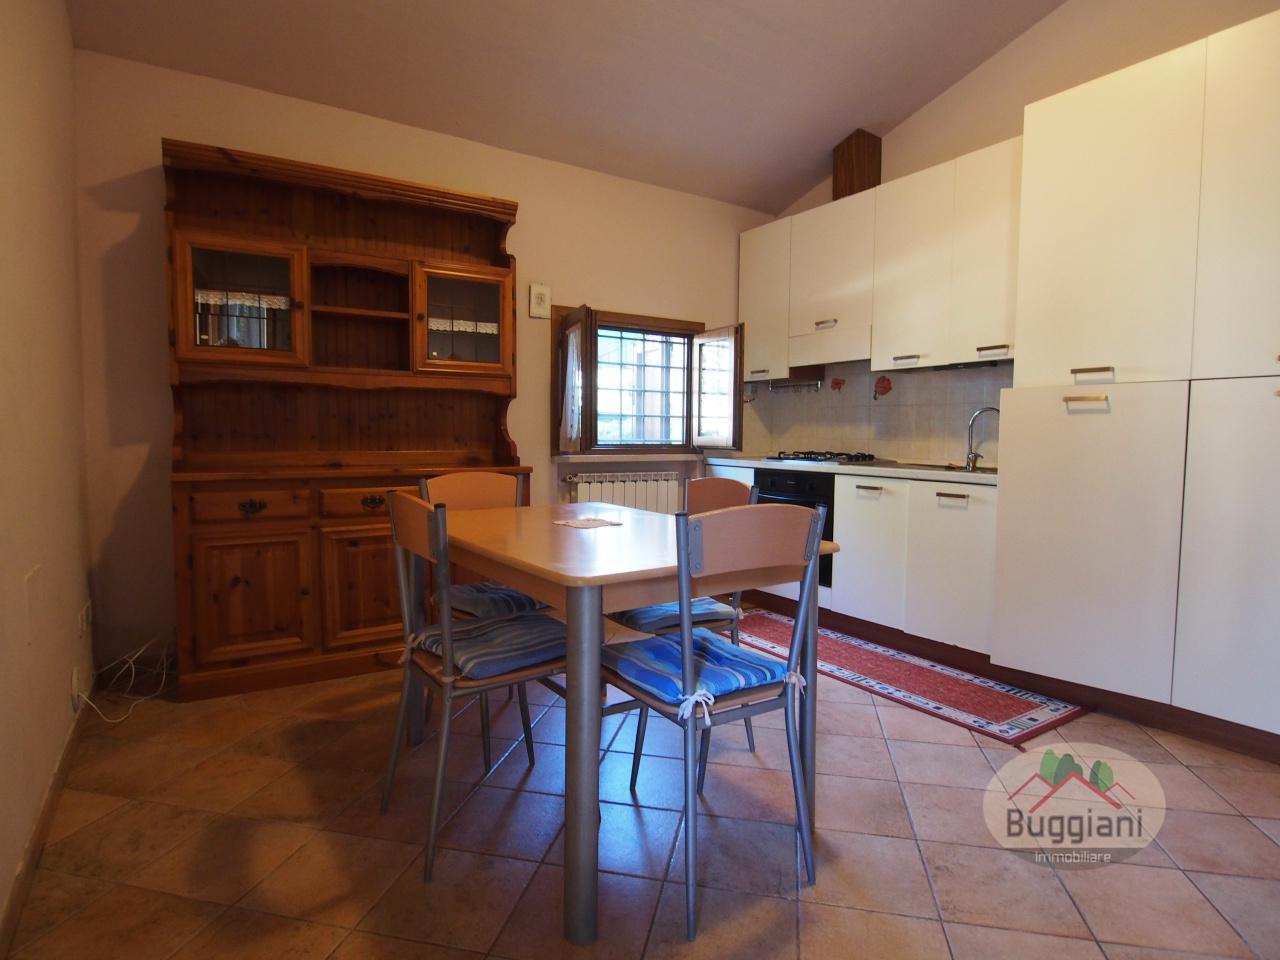 Appartamento in affitto RIF. L337, San Miniato (PI)